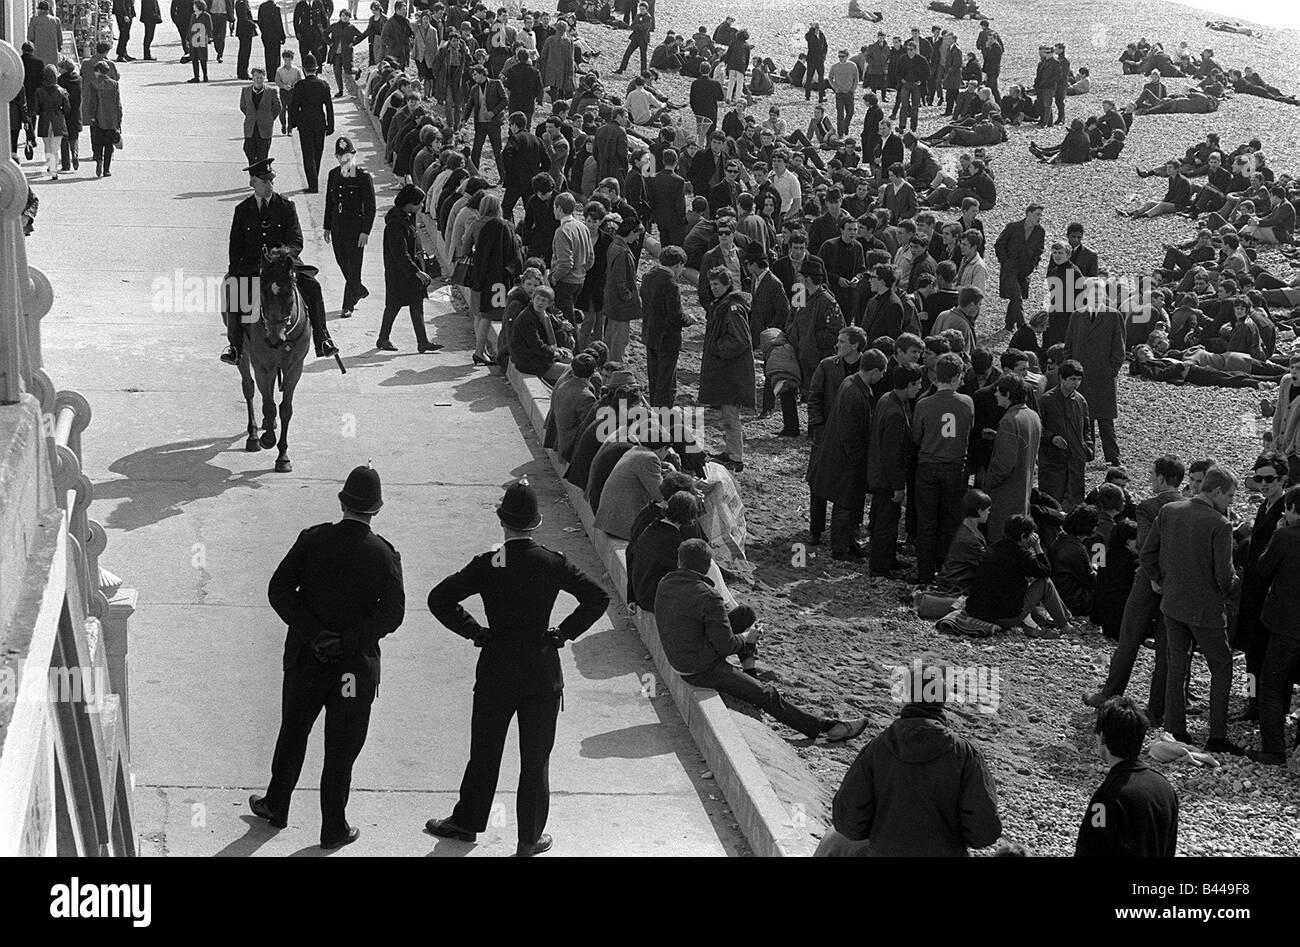 La cultura juvenil Mod Mods movidos sesentas colecciones de abril de 1965 Mods en el paseo marítimo de Brighton Imagen De Stock